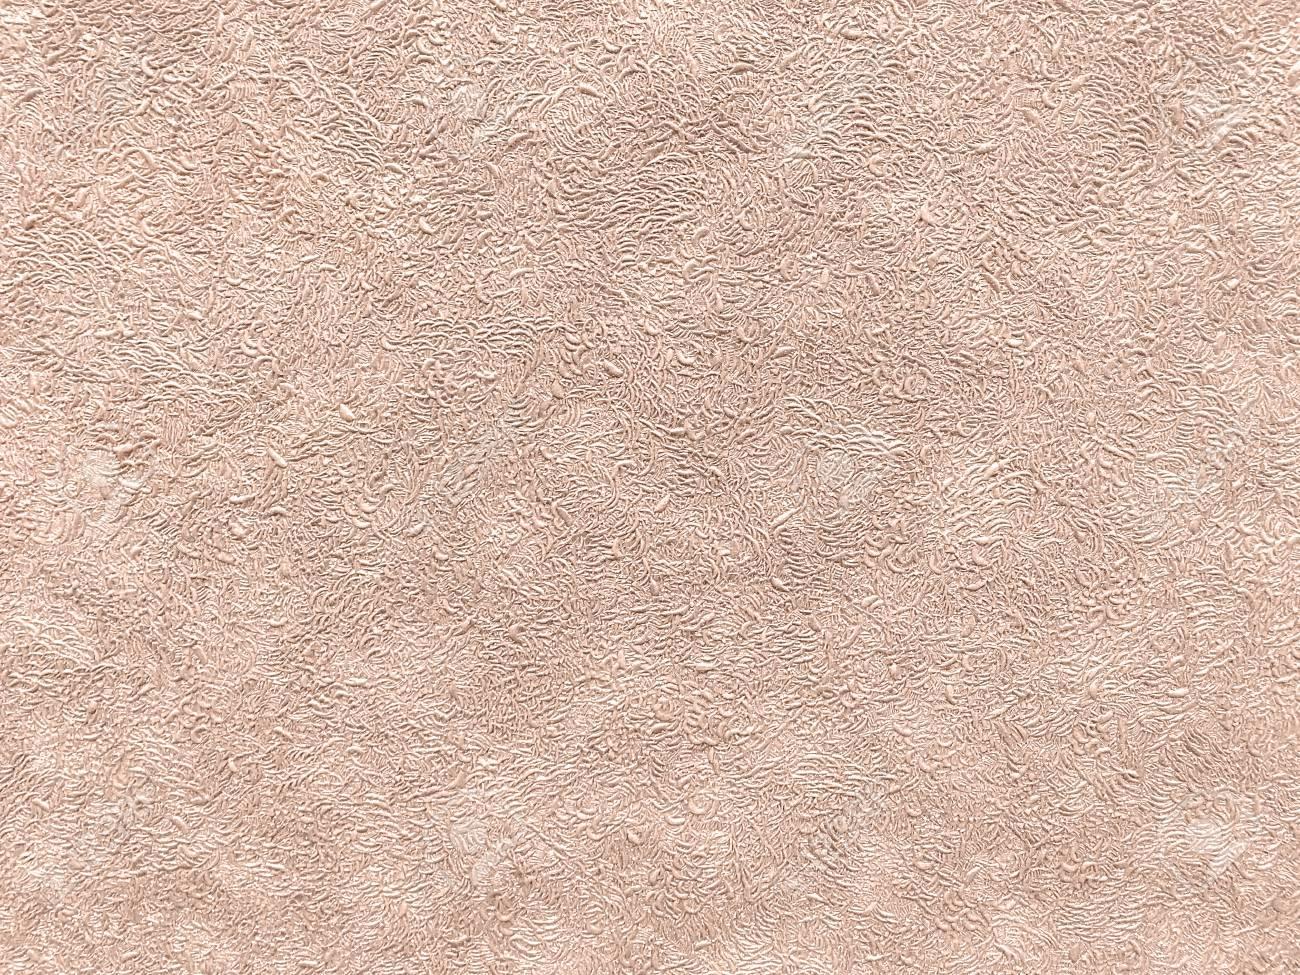 Texture De Papier Peint Marron Clair Avec Un Motif Bouclé. Surface ...